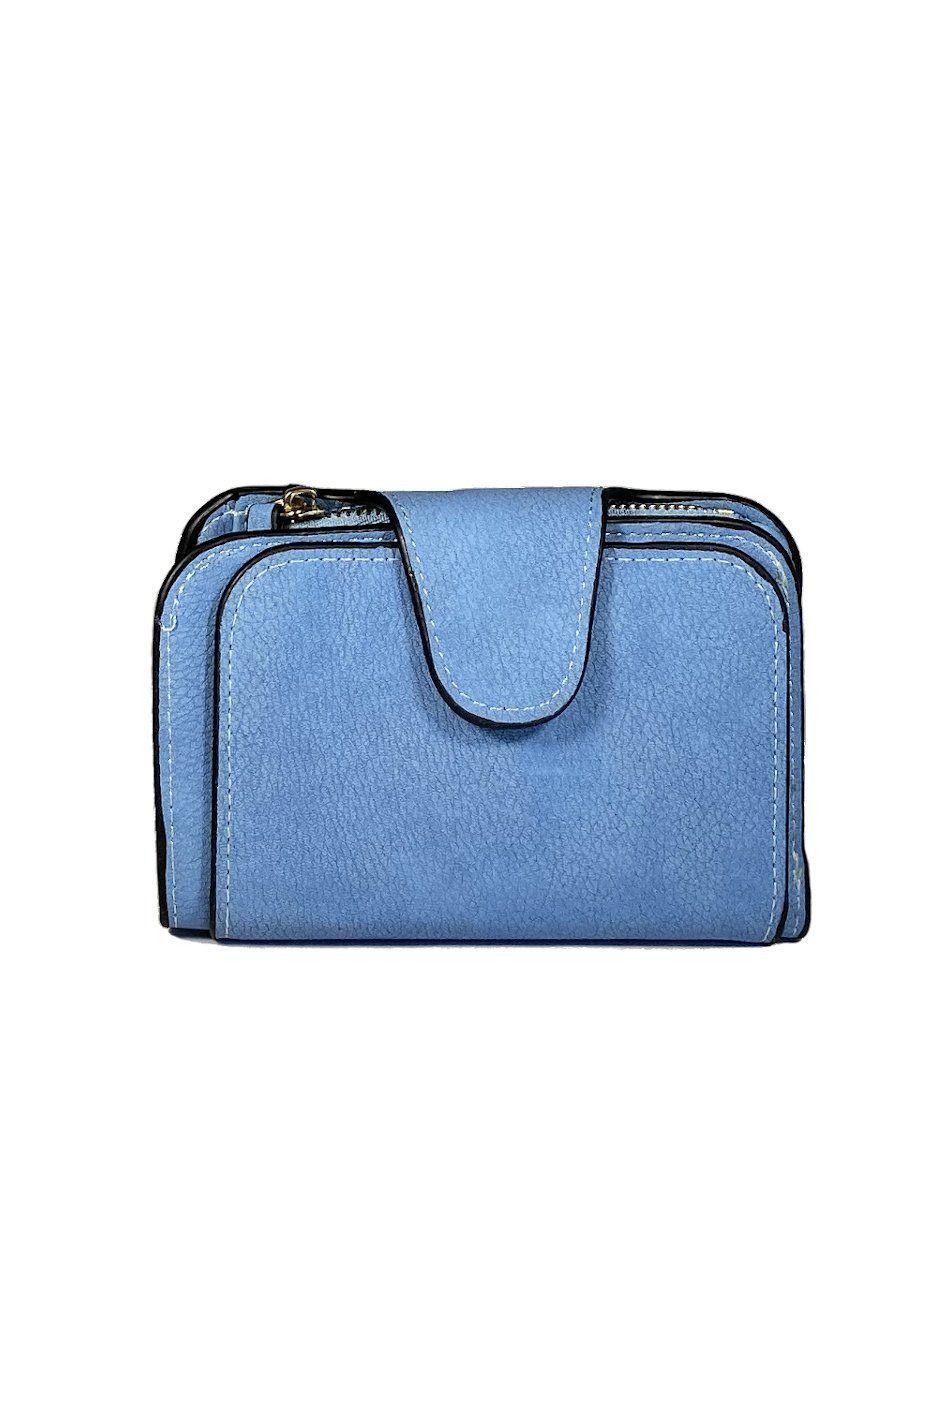 Cartera monedero azul